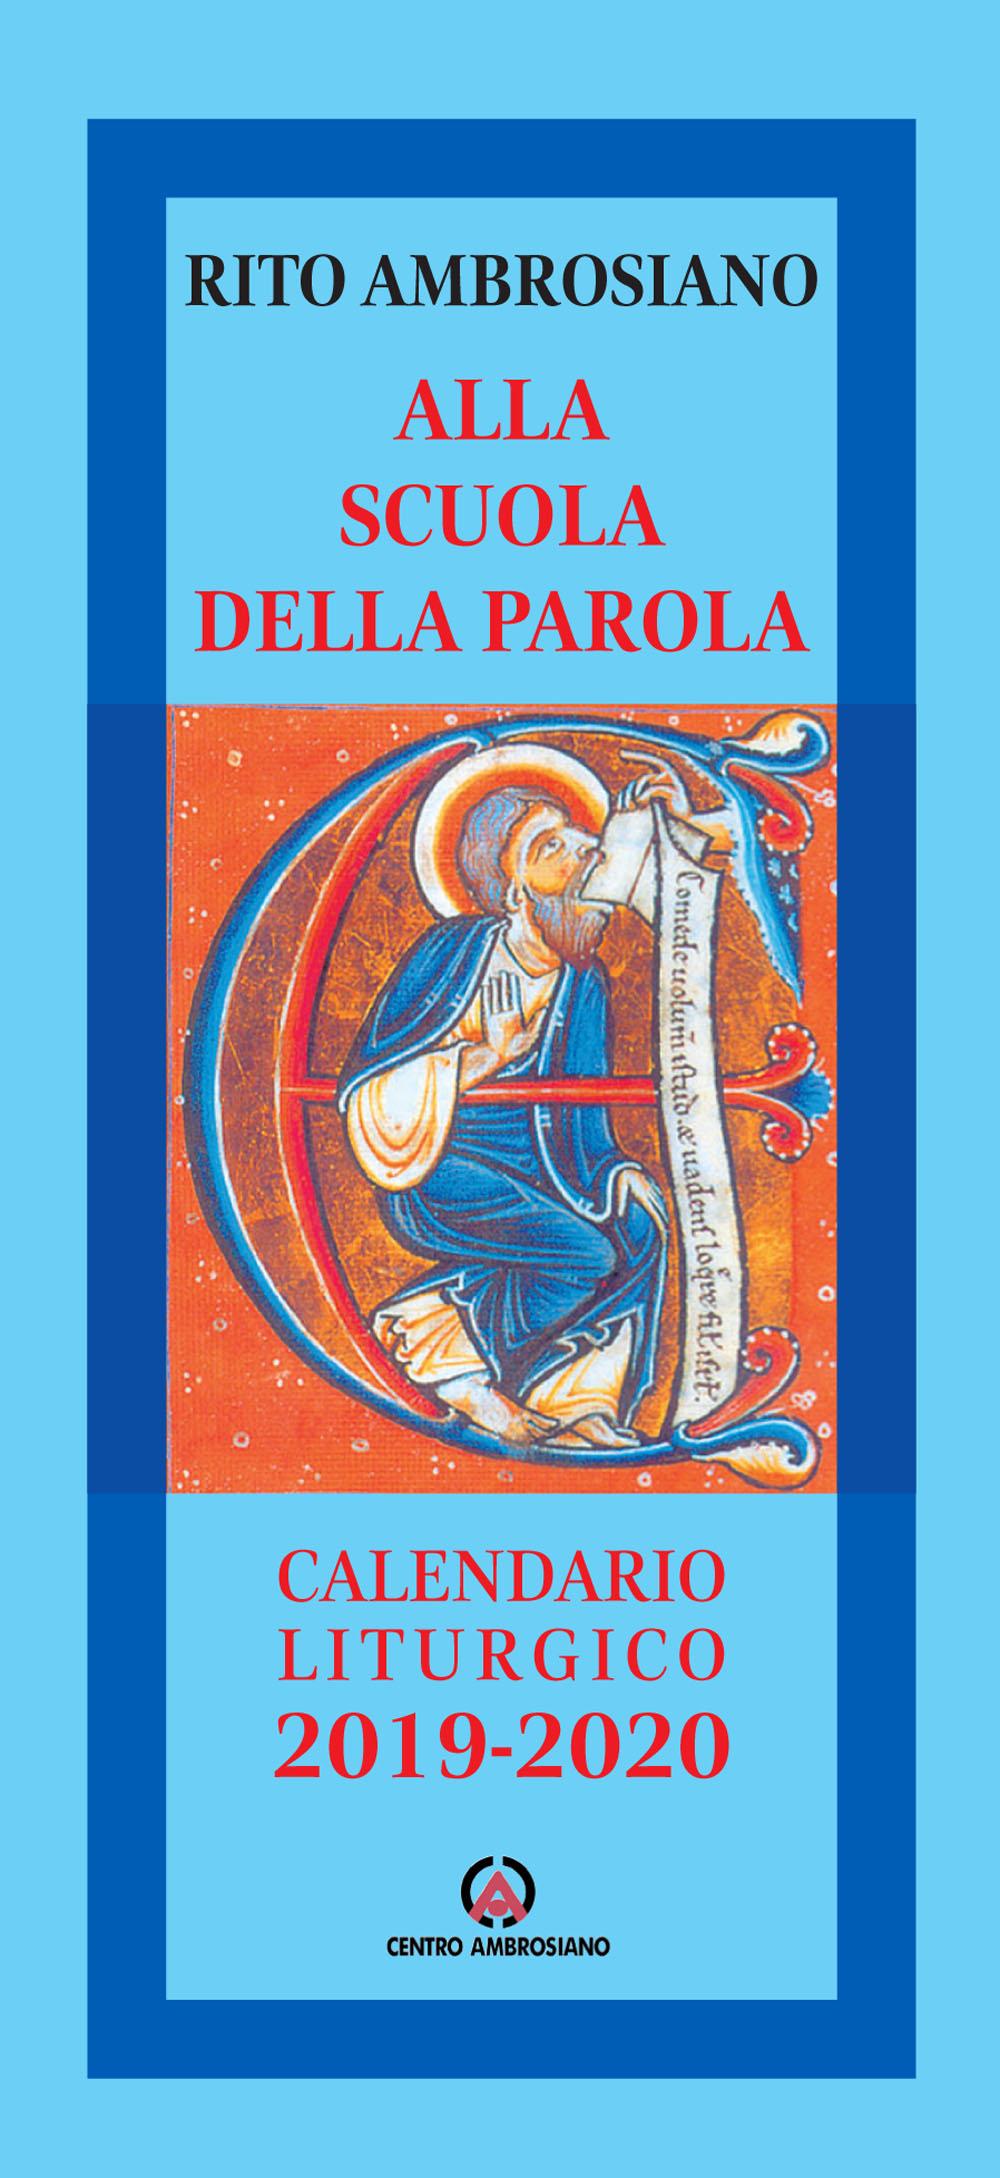 Calendario Religioso 2020.Alla Scuola Della Parola Calendario Liturgico 2019 2020